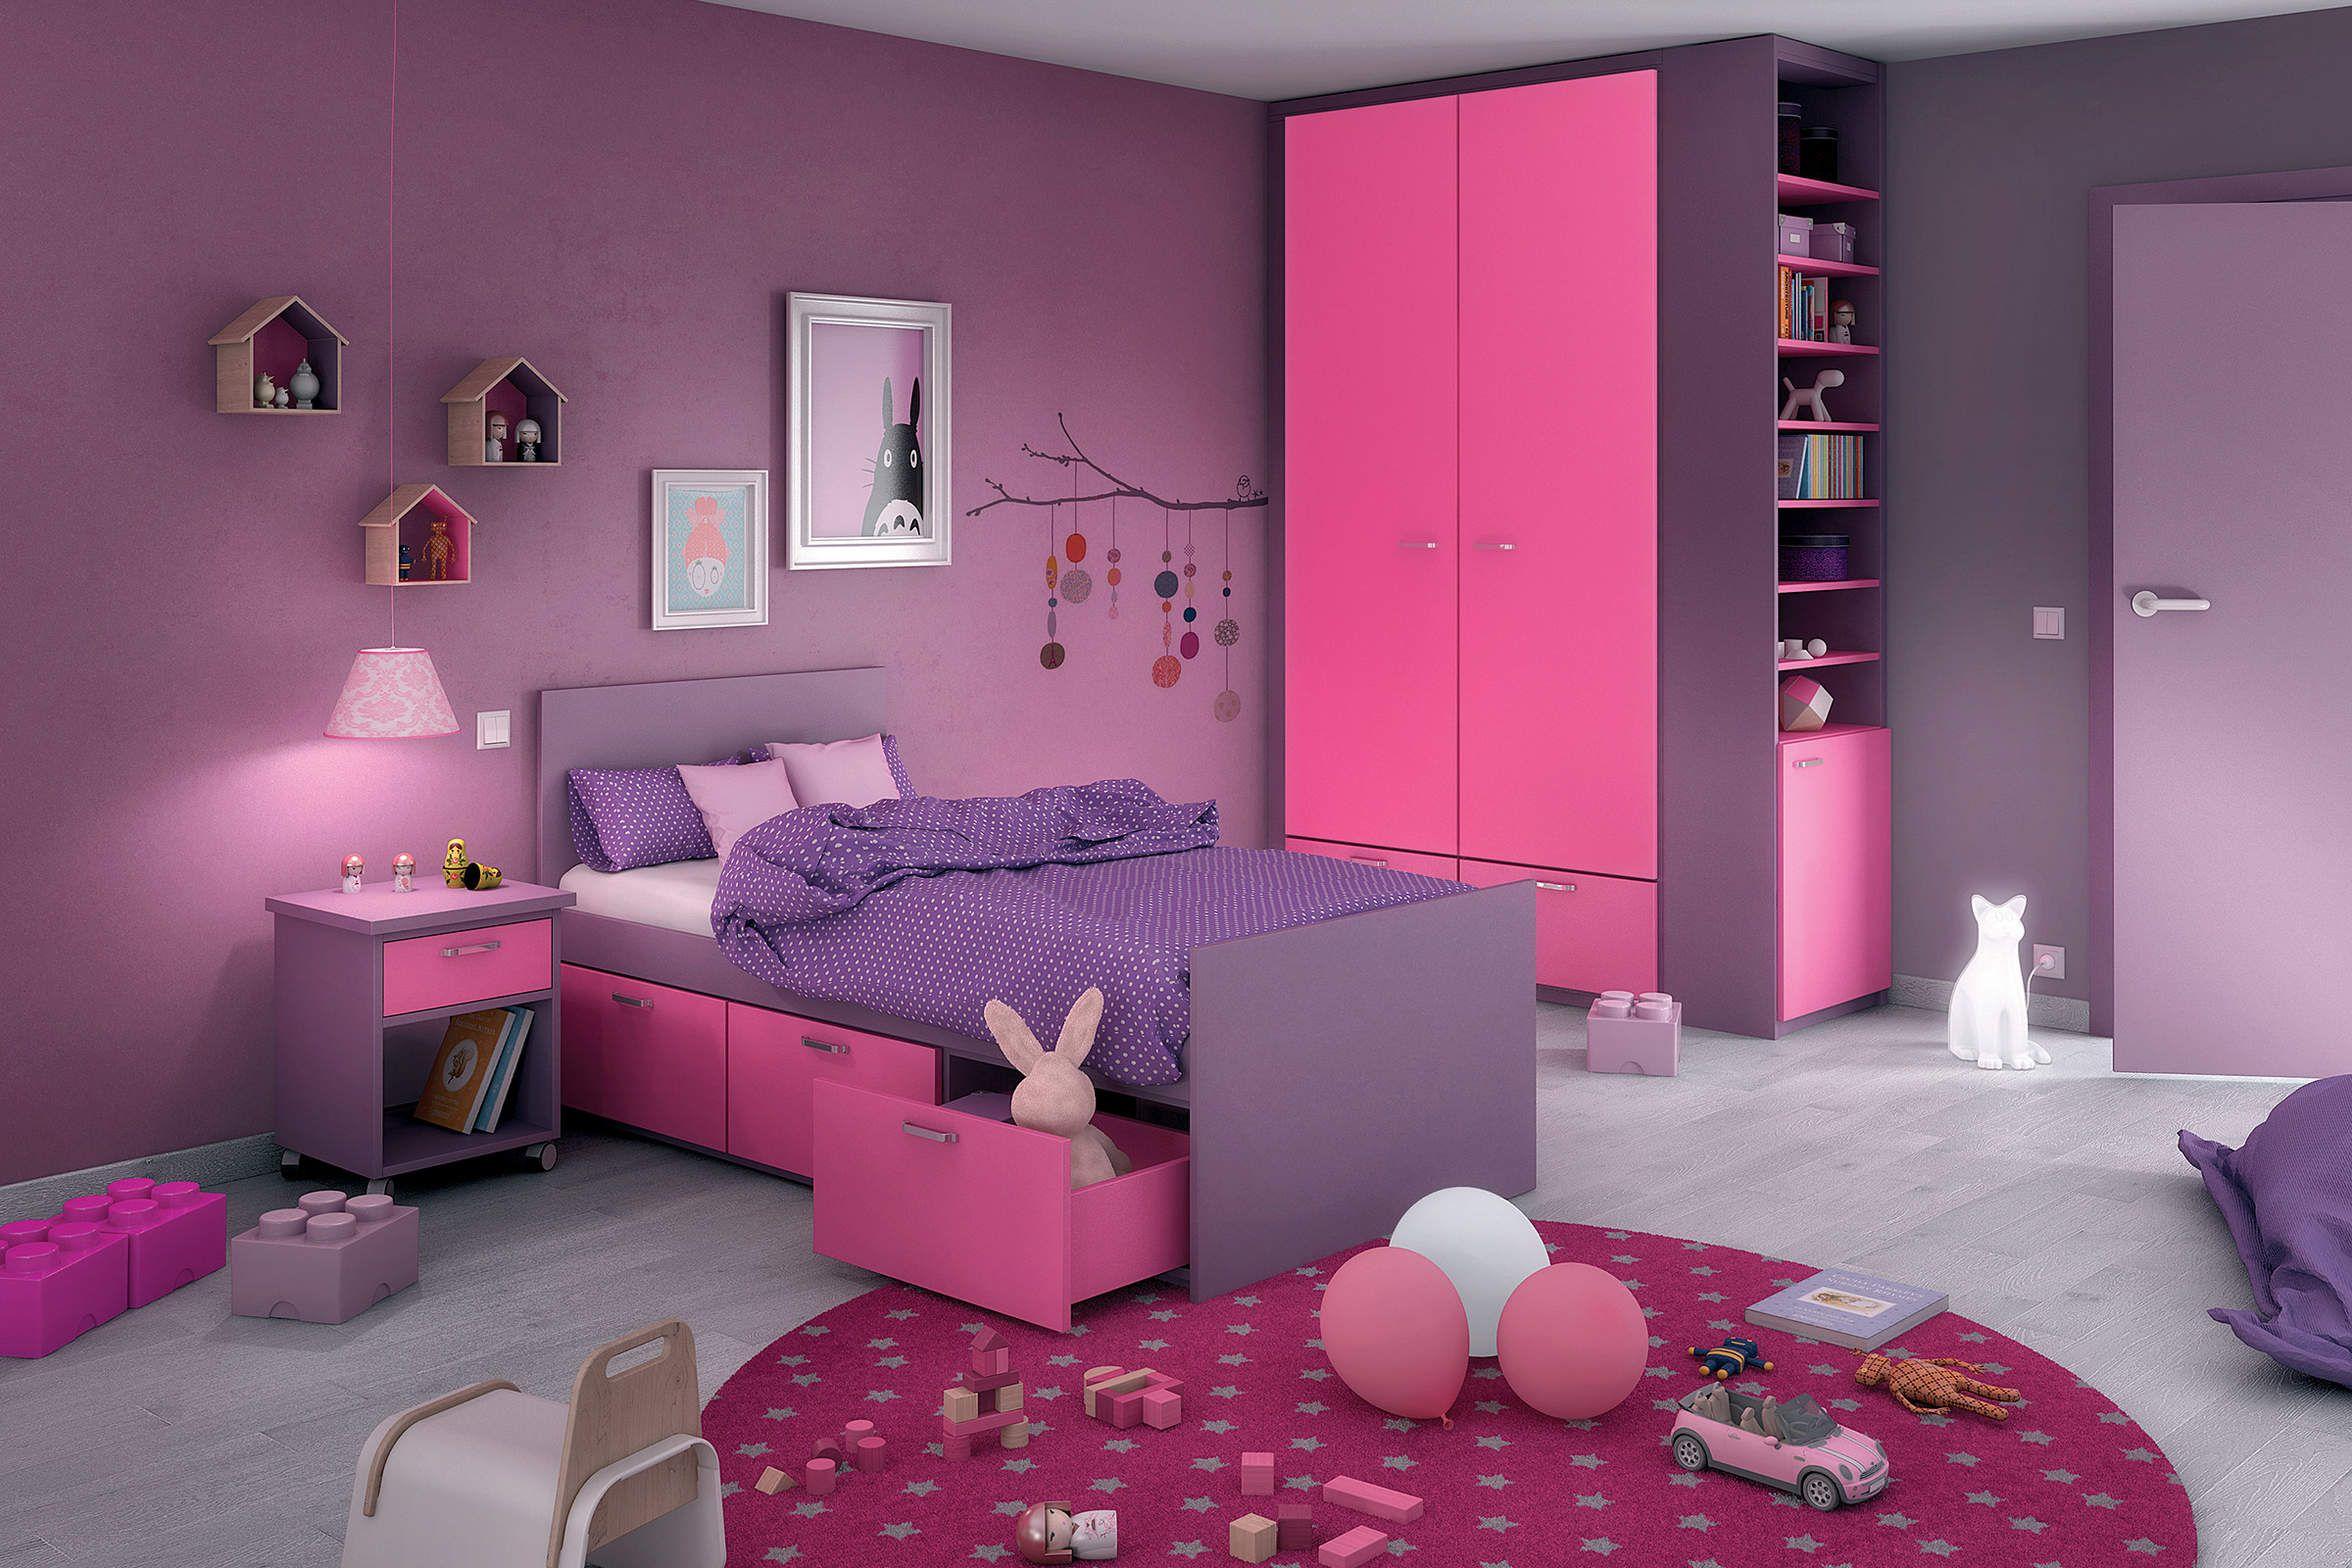 rangements chambre petite fille | chambre fille | Pinterest | Room ...